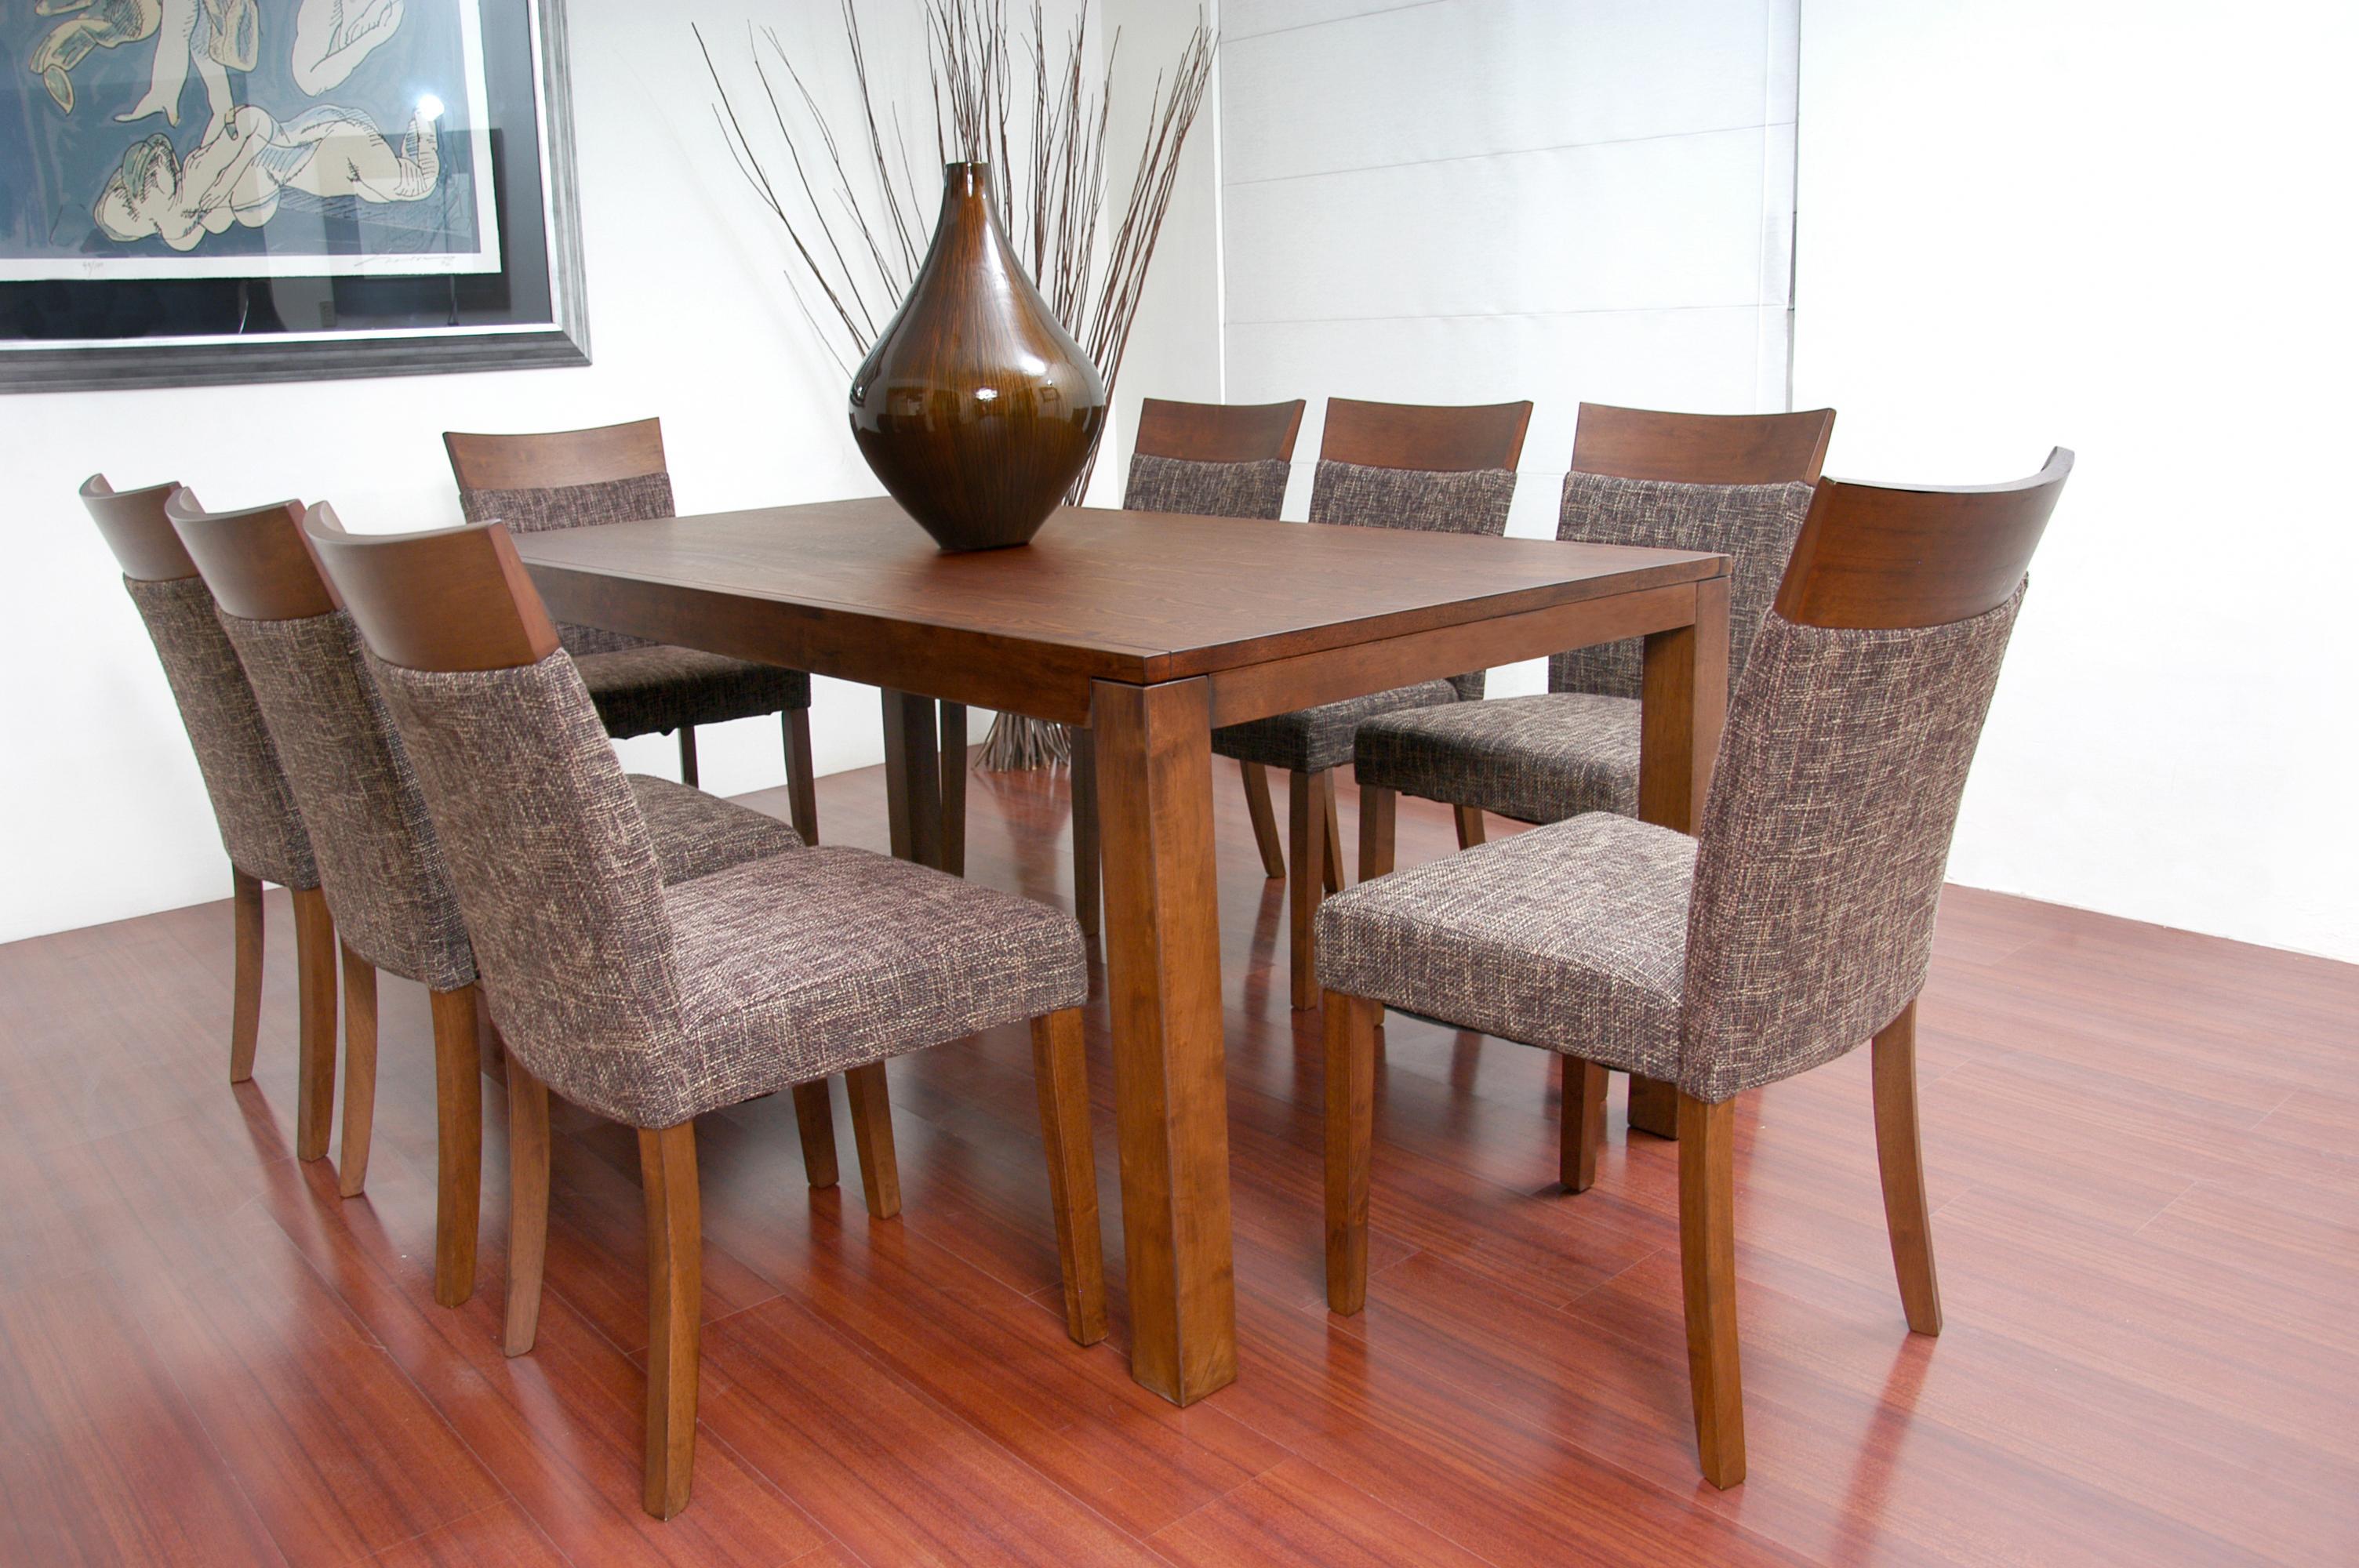 Antecomedor milan for Comedor 8 sillas madera